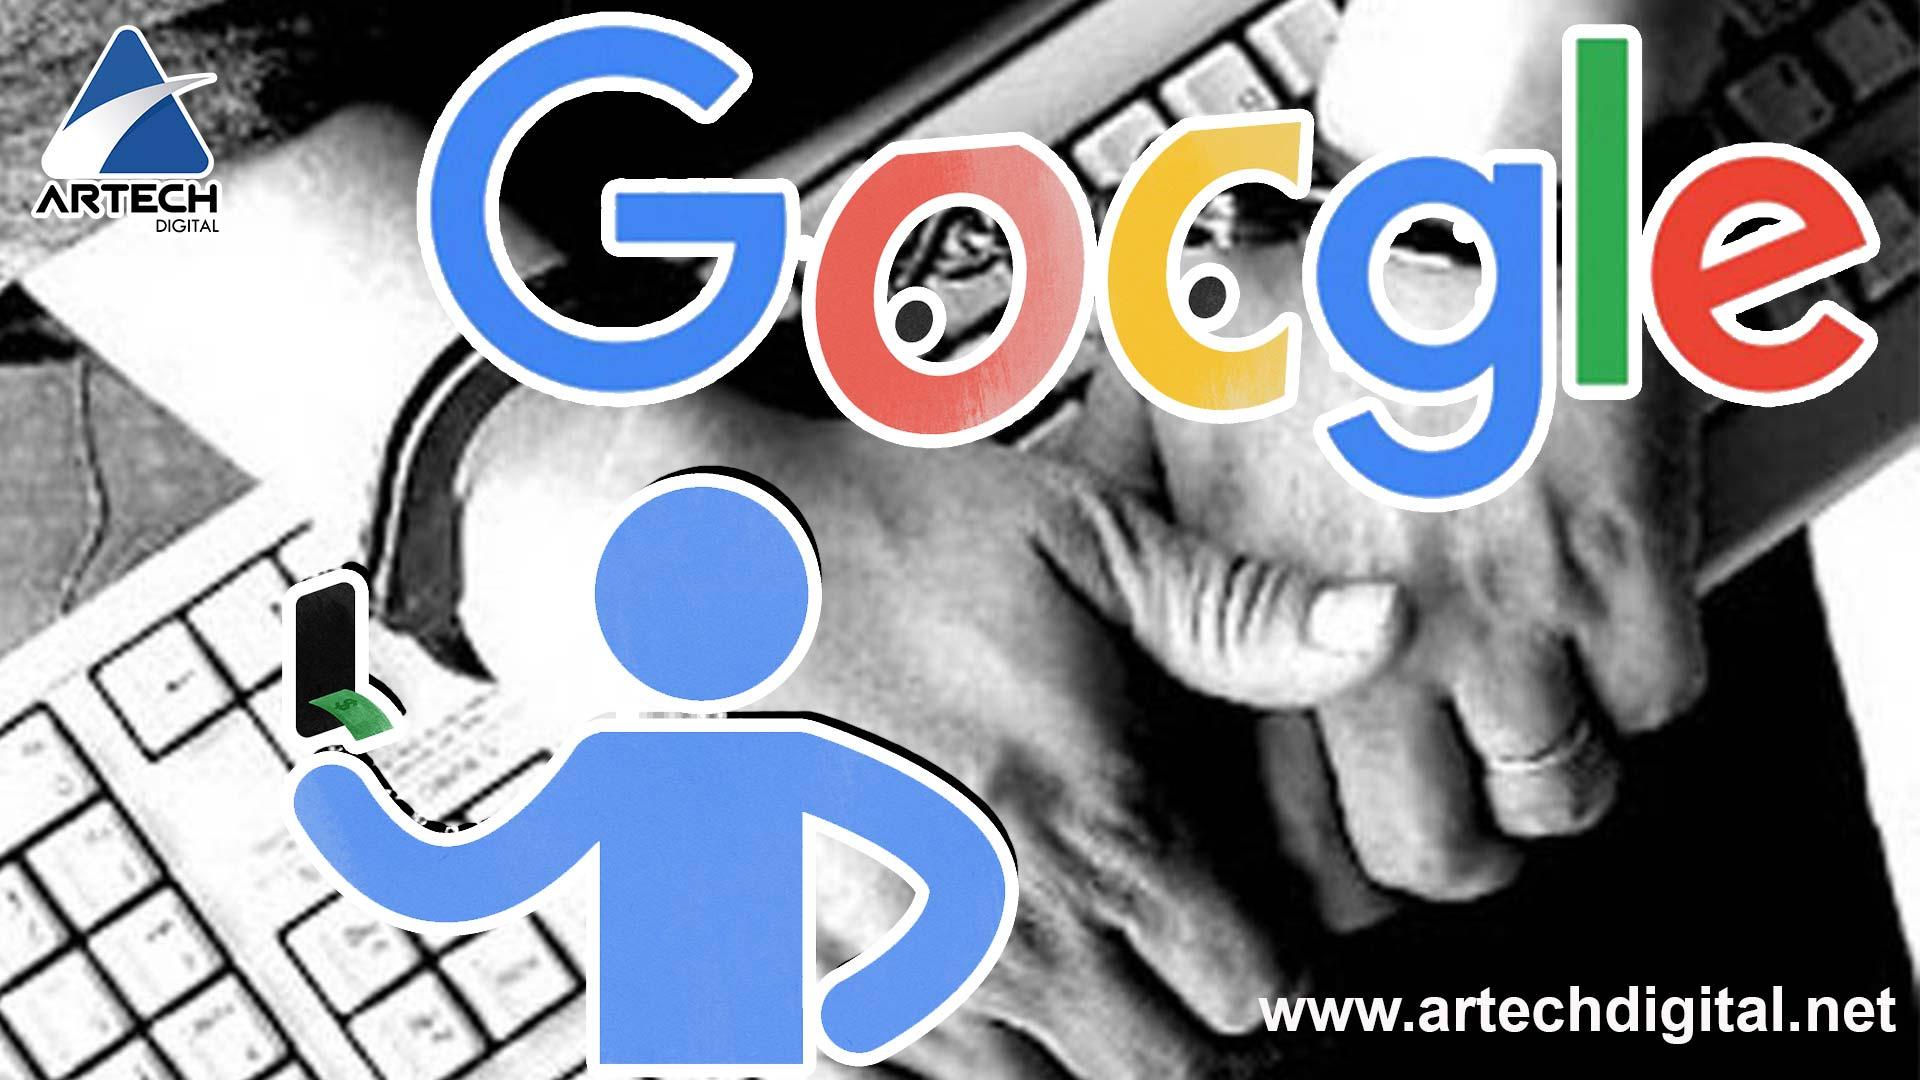 enlaces que pueden ser penalizados por Google - Artech Digital